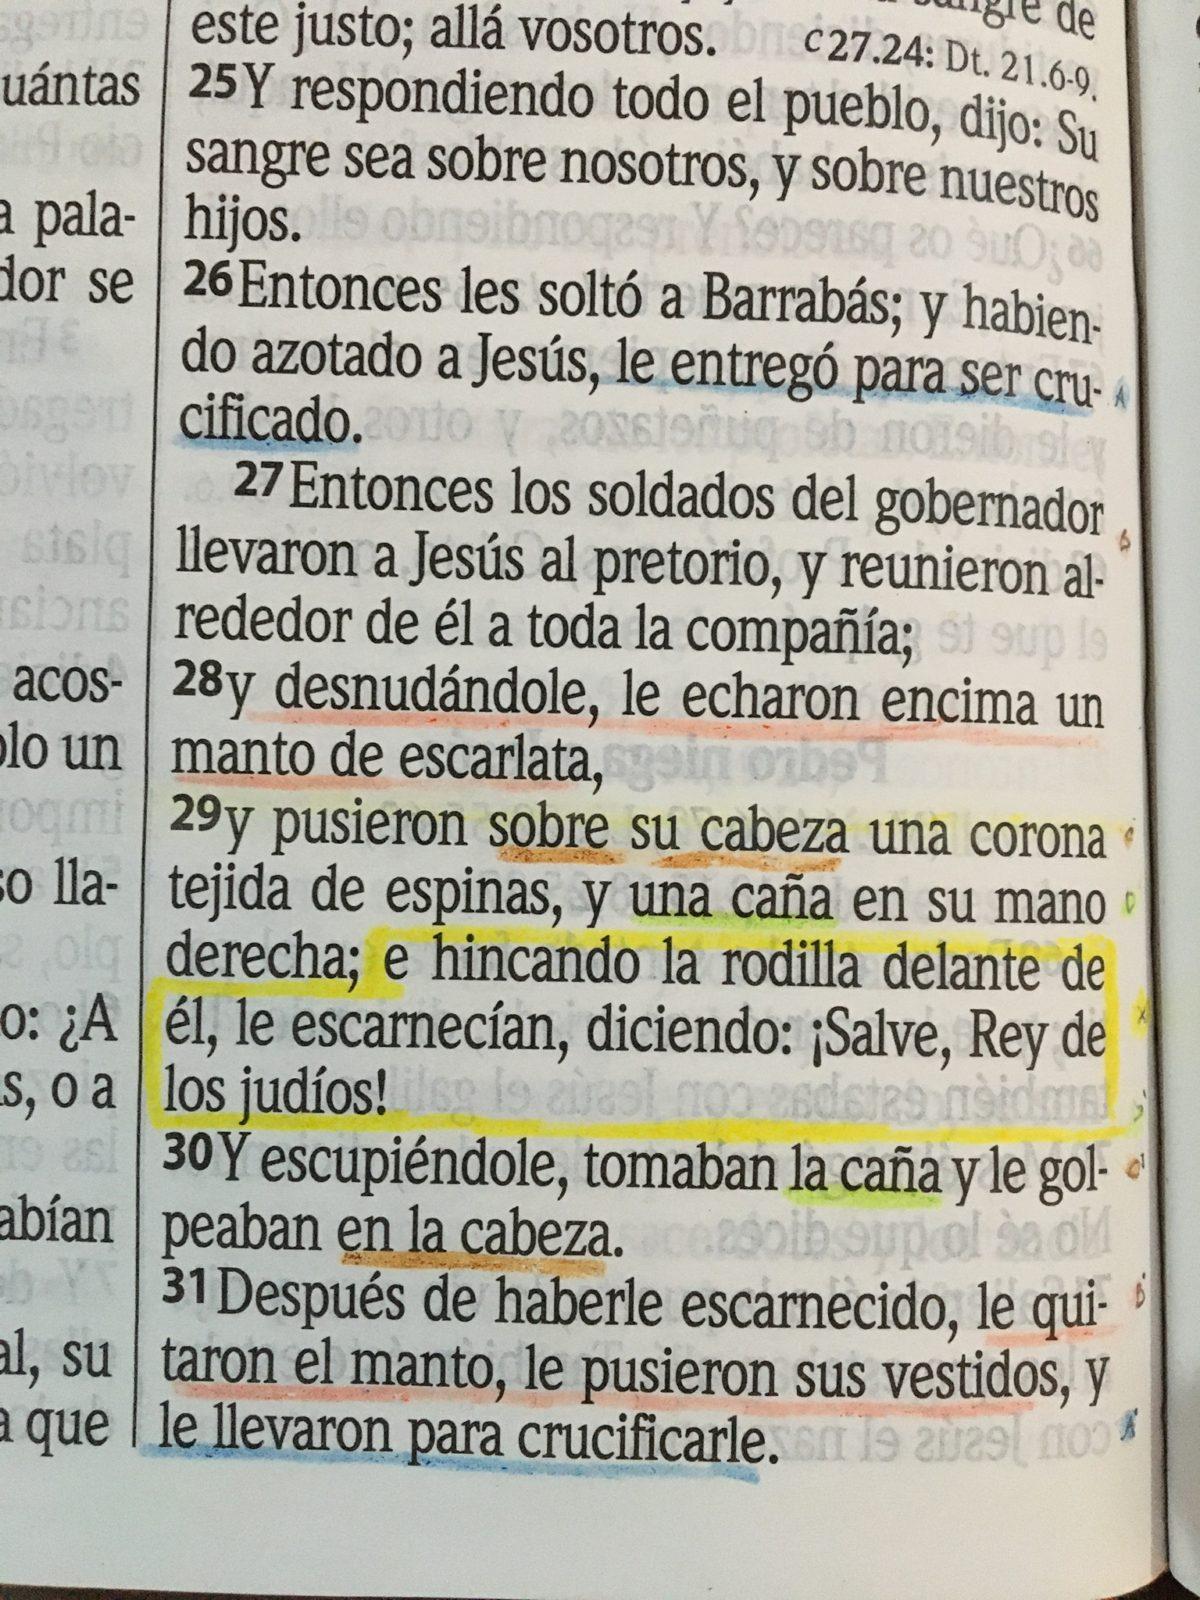 Quiasmo de Mateo 27.26-31